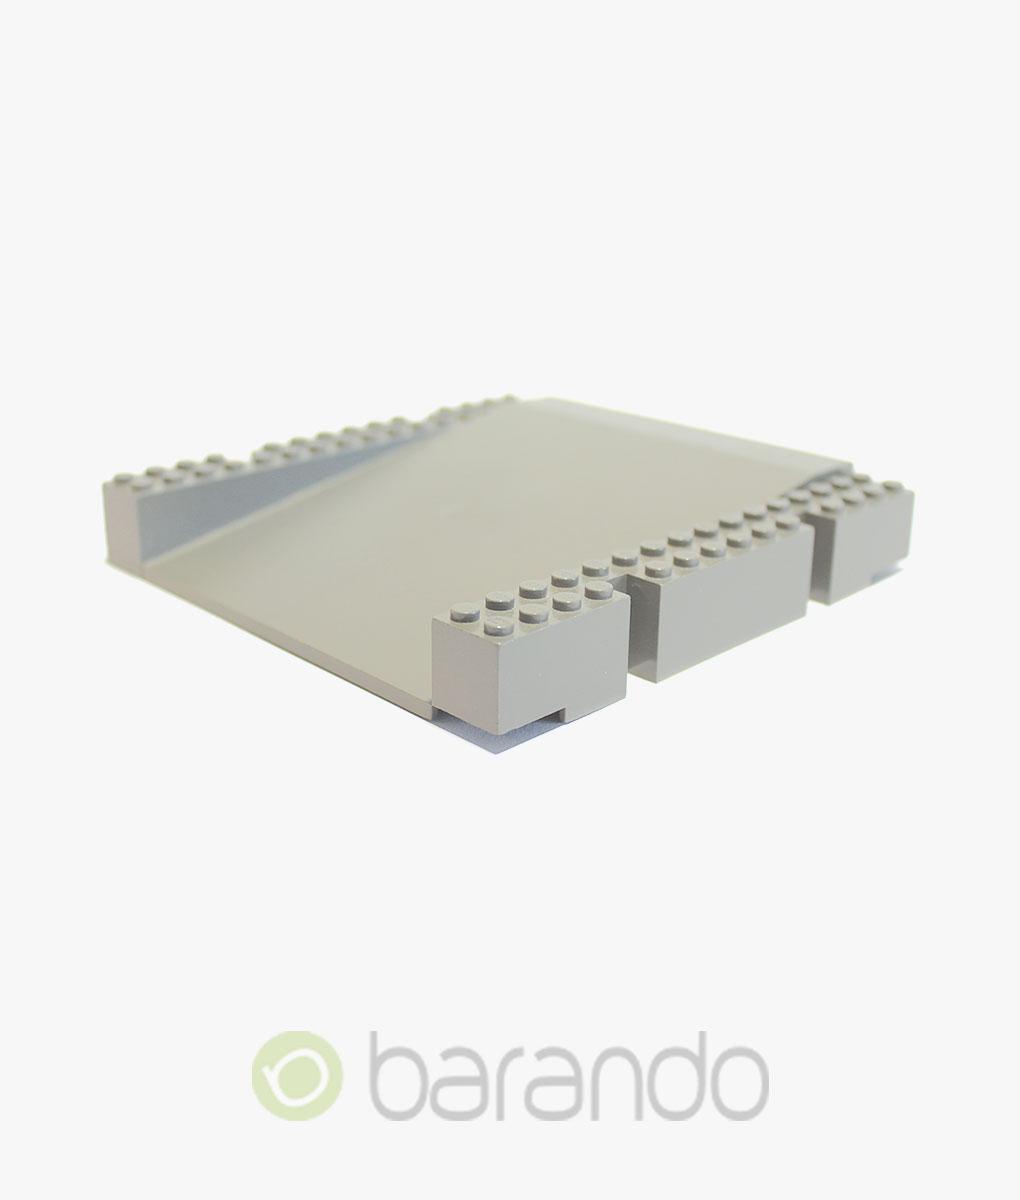 Lego 3d Platte 2642 Plattform Rampe Online Kaufen Barando